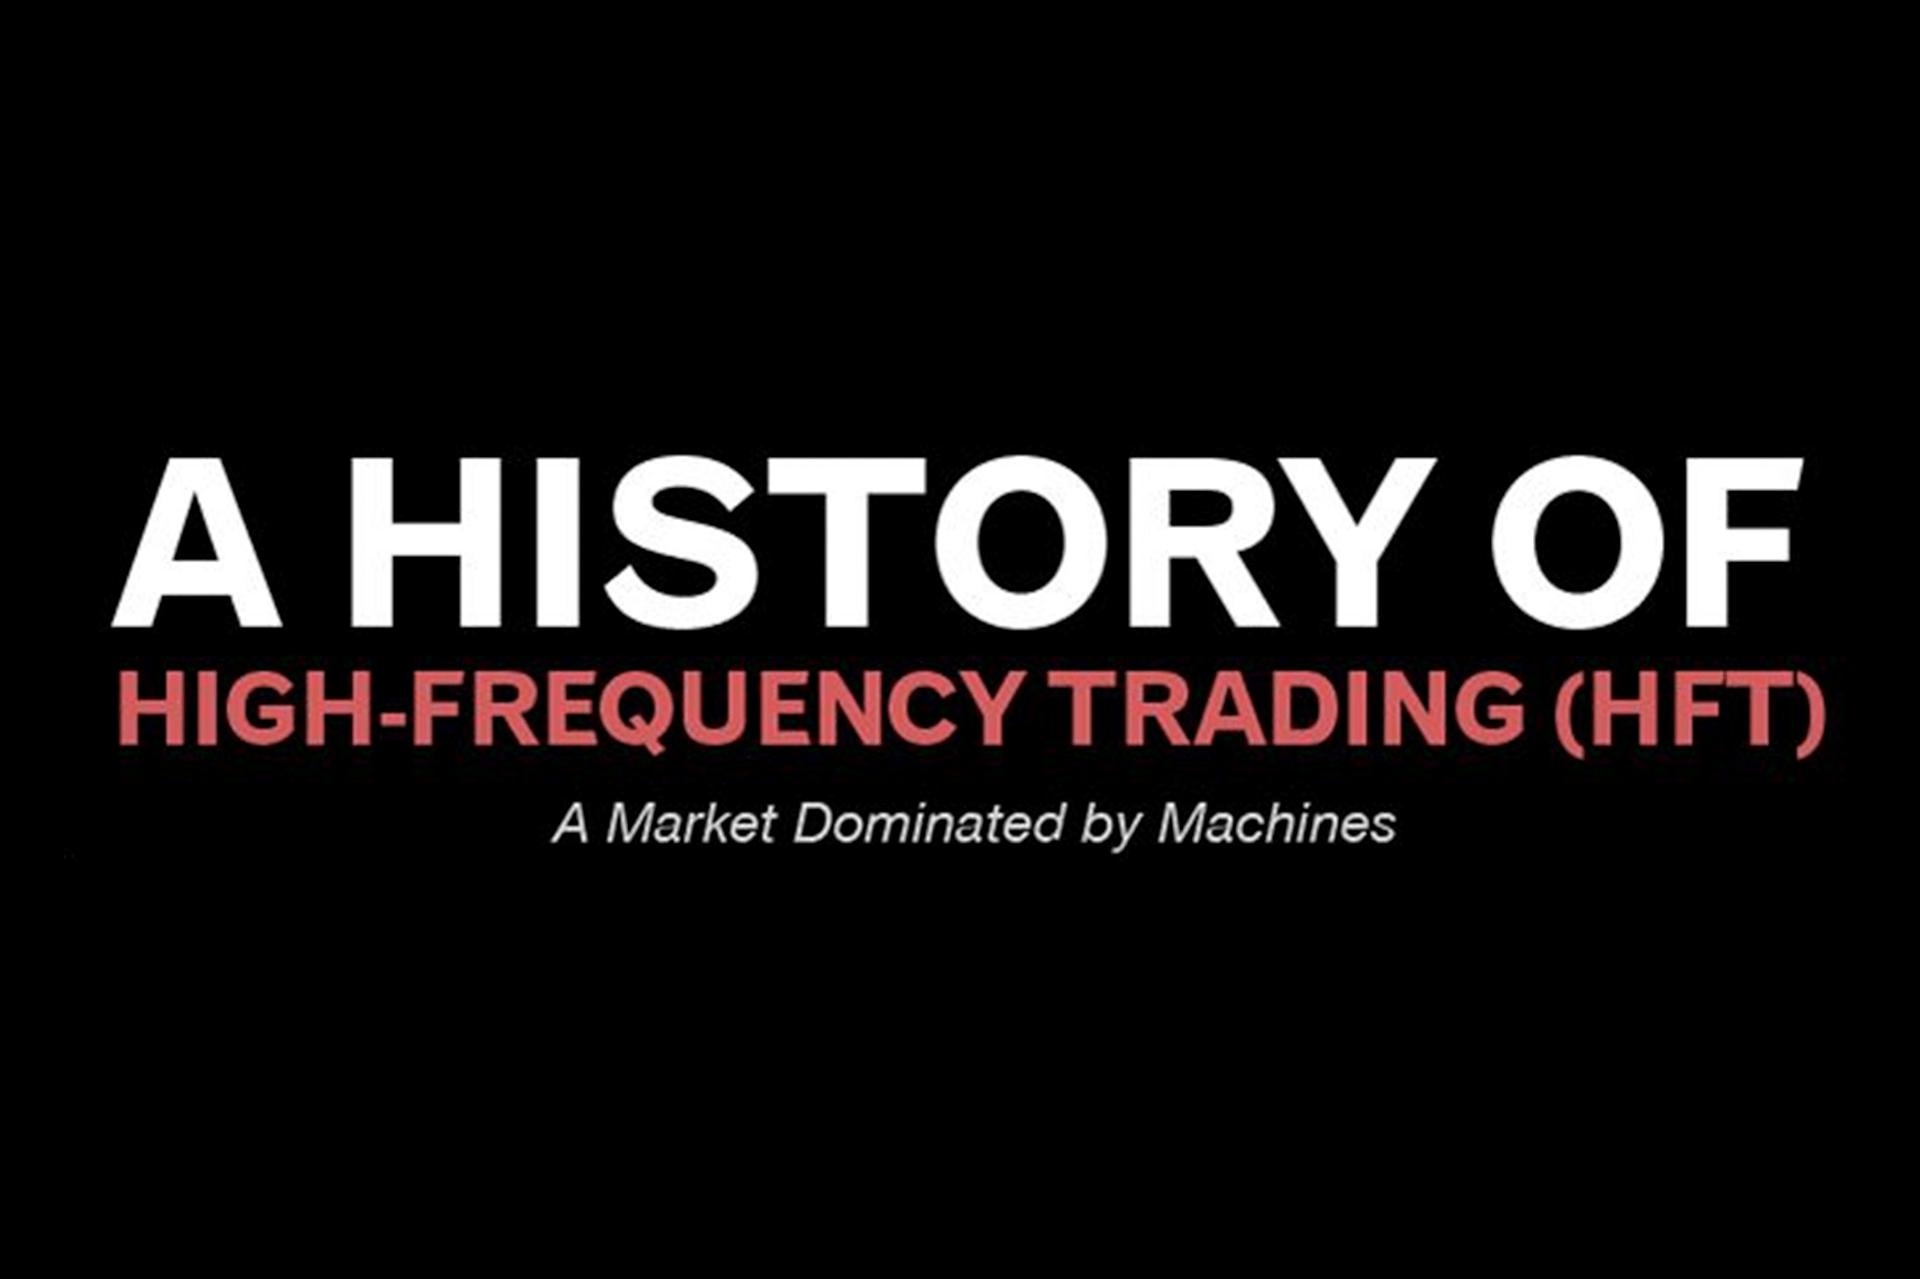 history hf trading